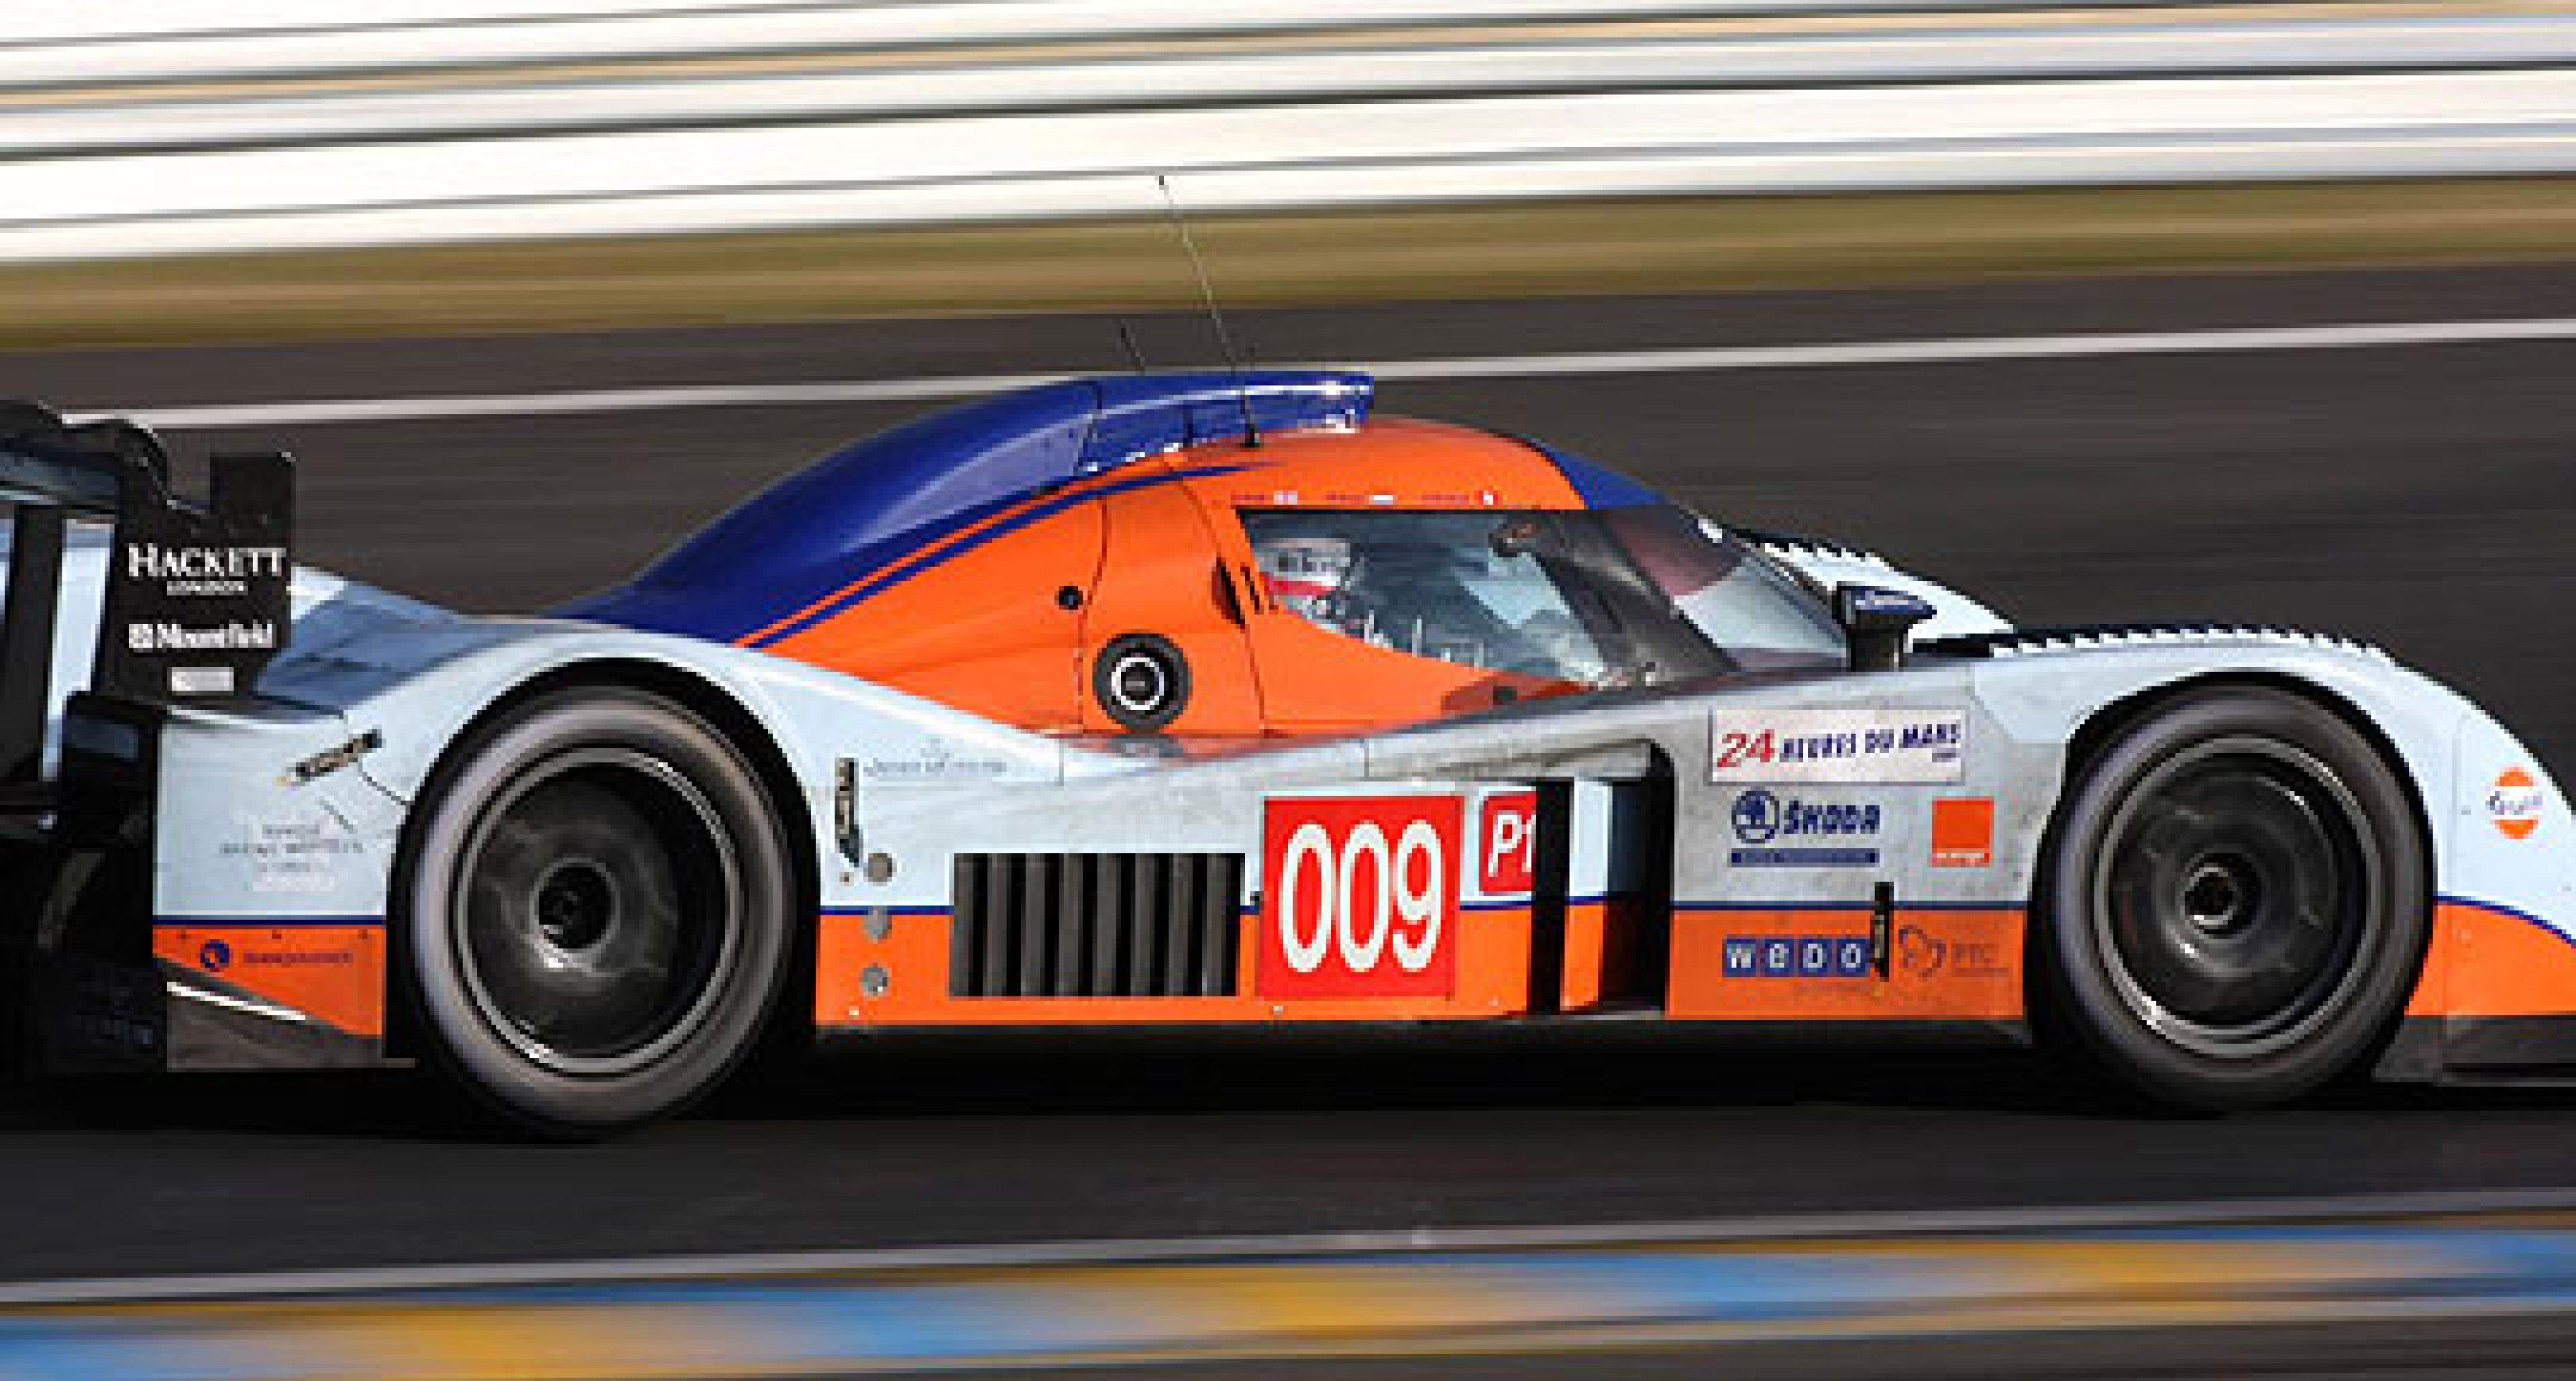 Aston Martin at Le Mans 2009